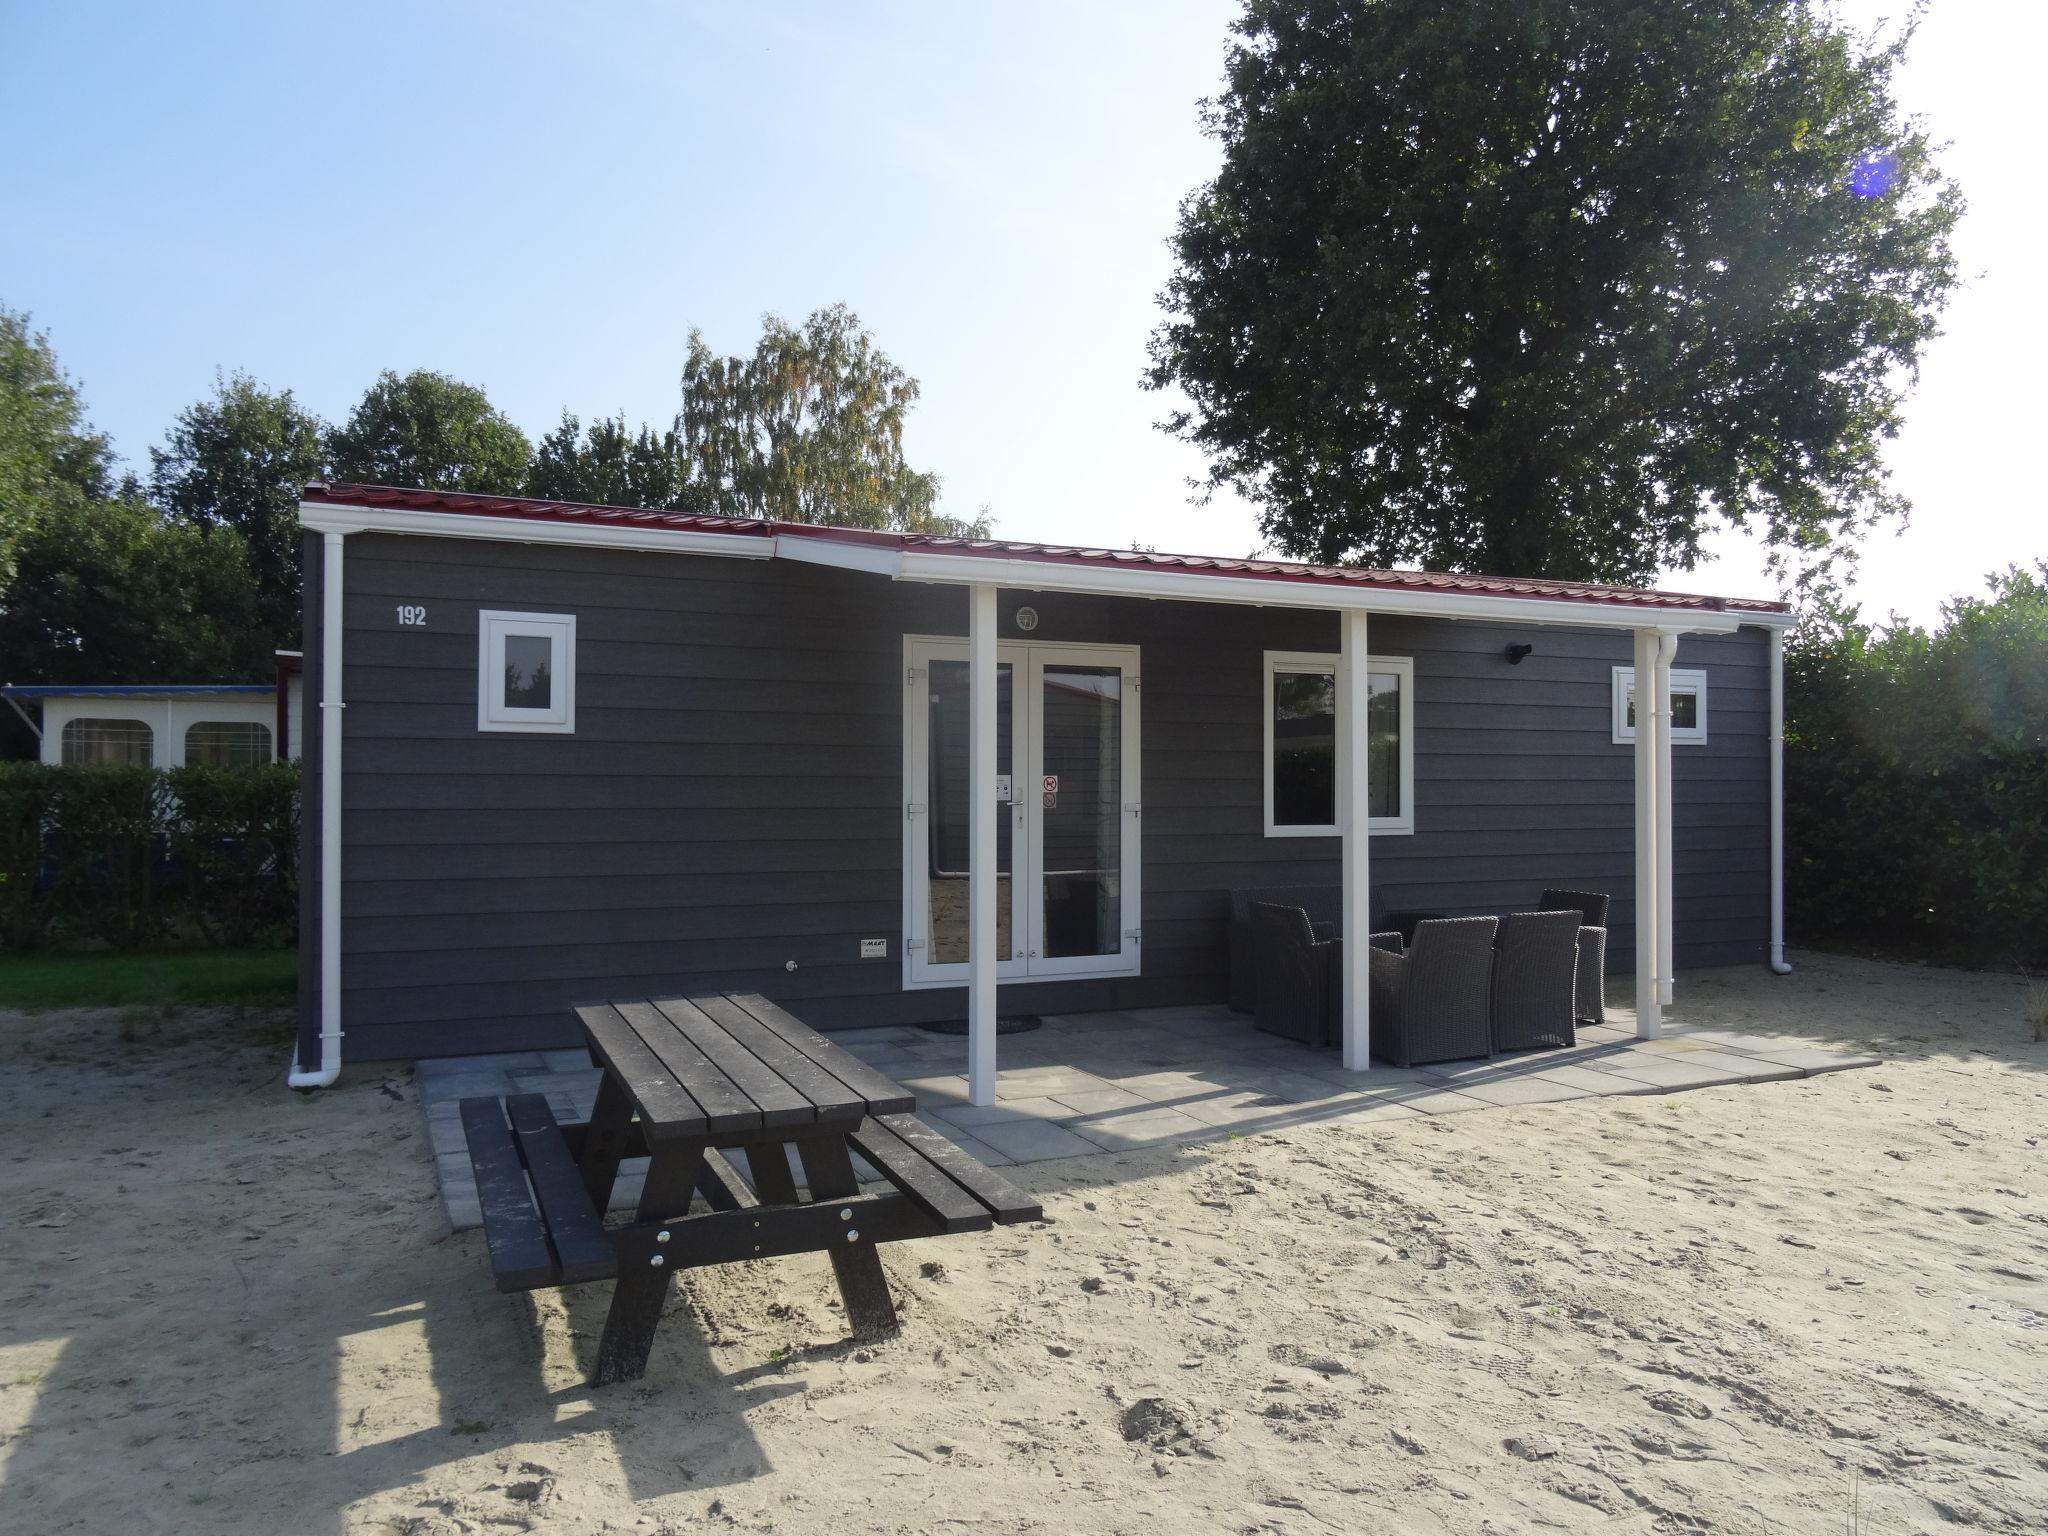 Korting vakantiehuisje Loonse en Drunense Duinen 🏕️Vakantiepark Duinhoeve